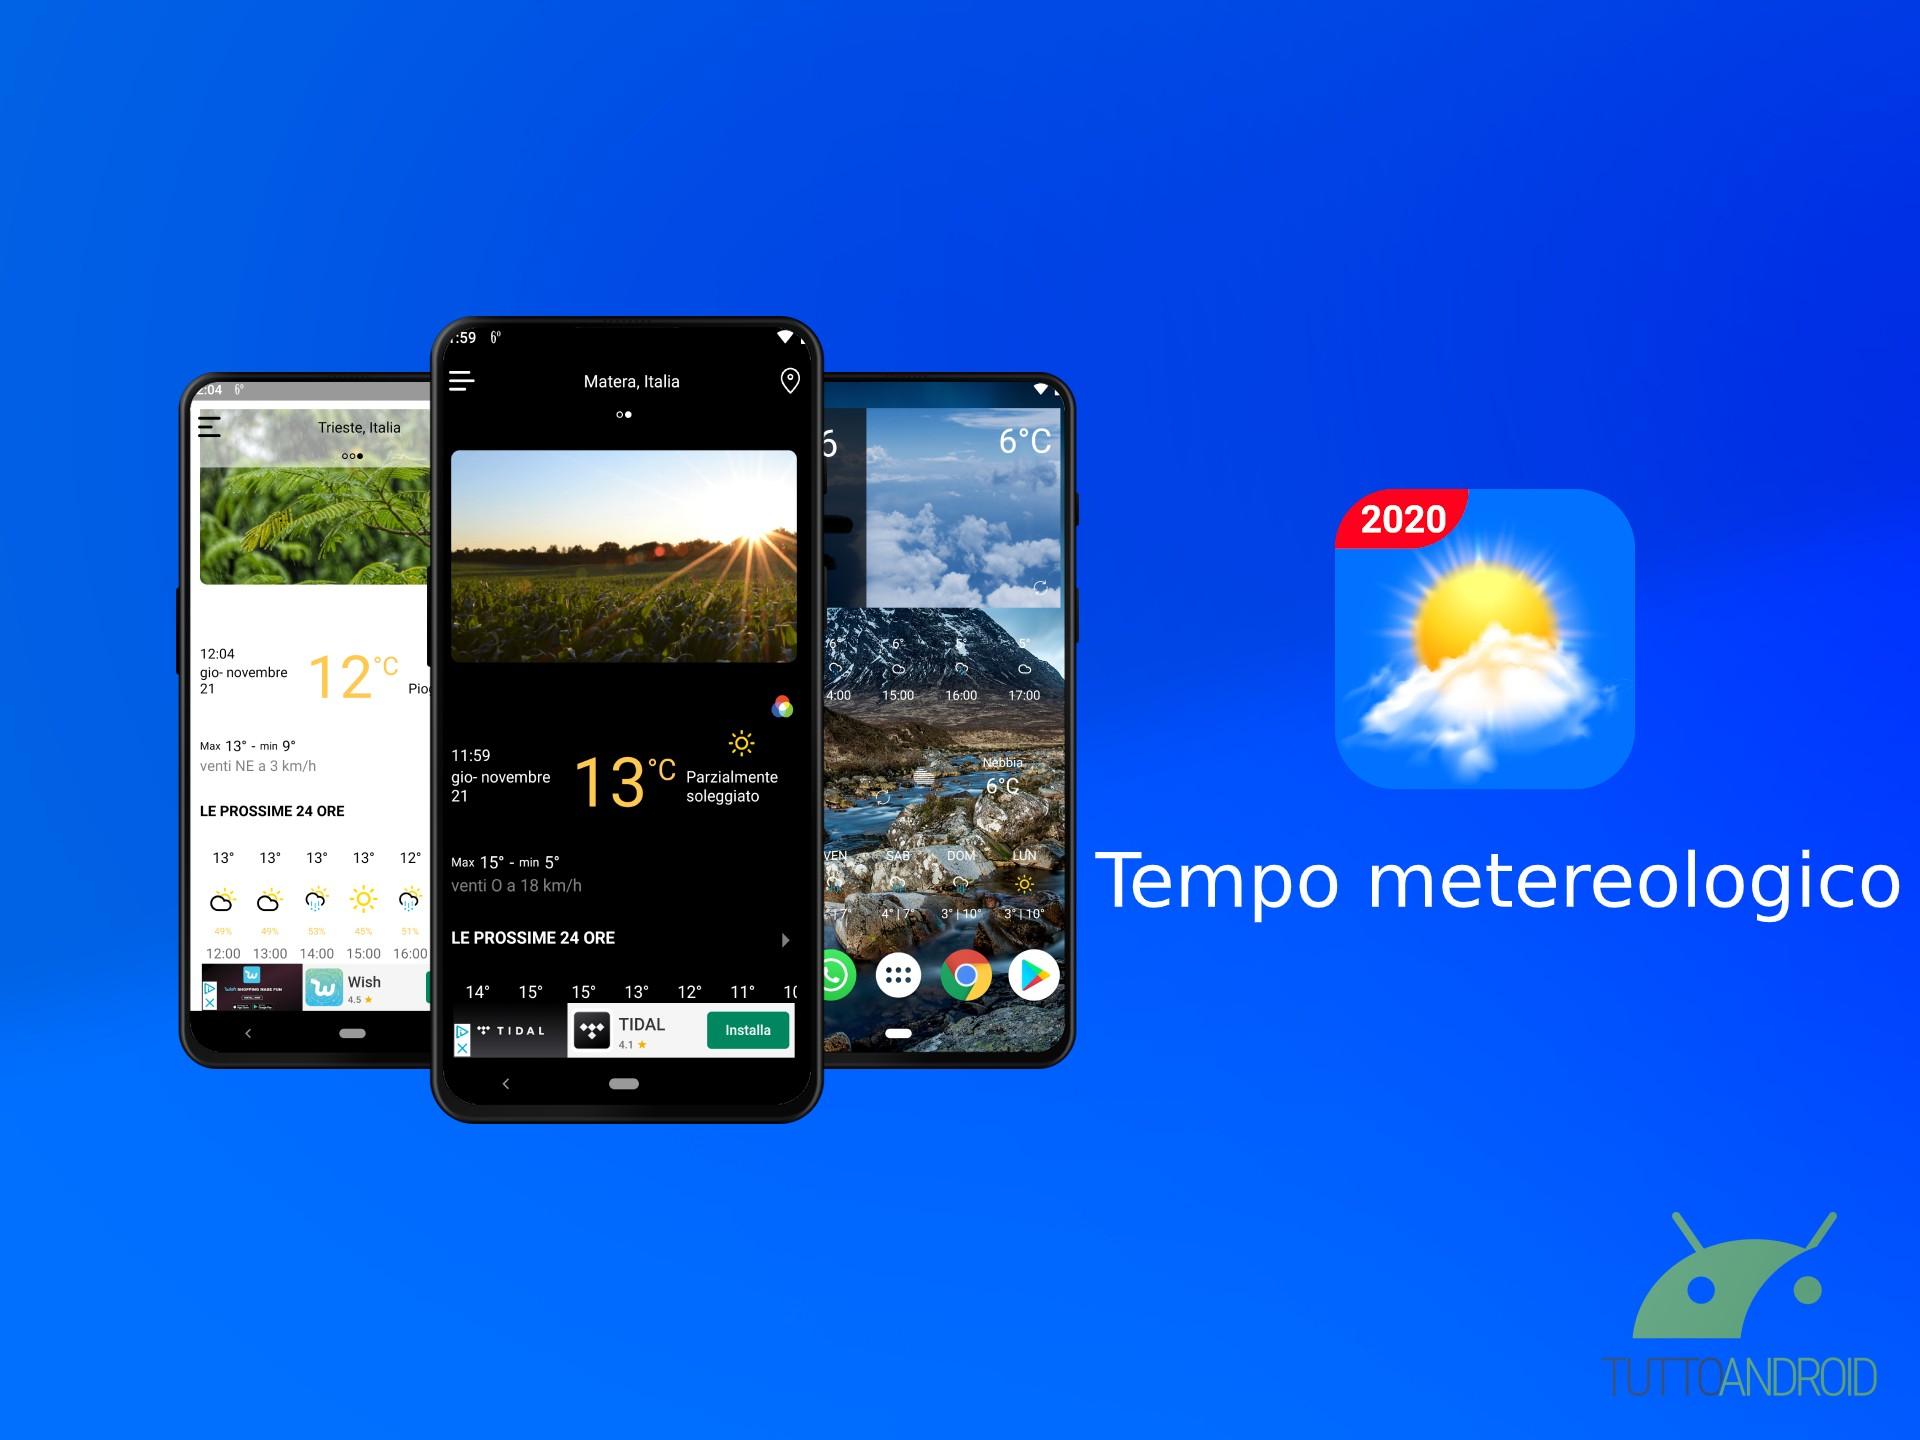 L'app Tempo metereologico informa sulle condizioni meteo con